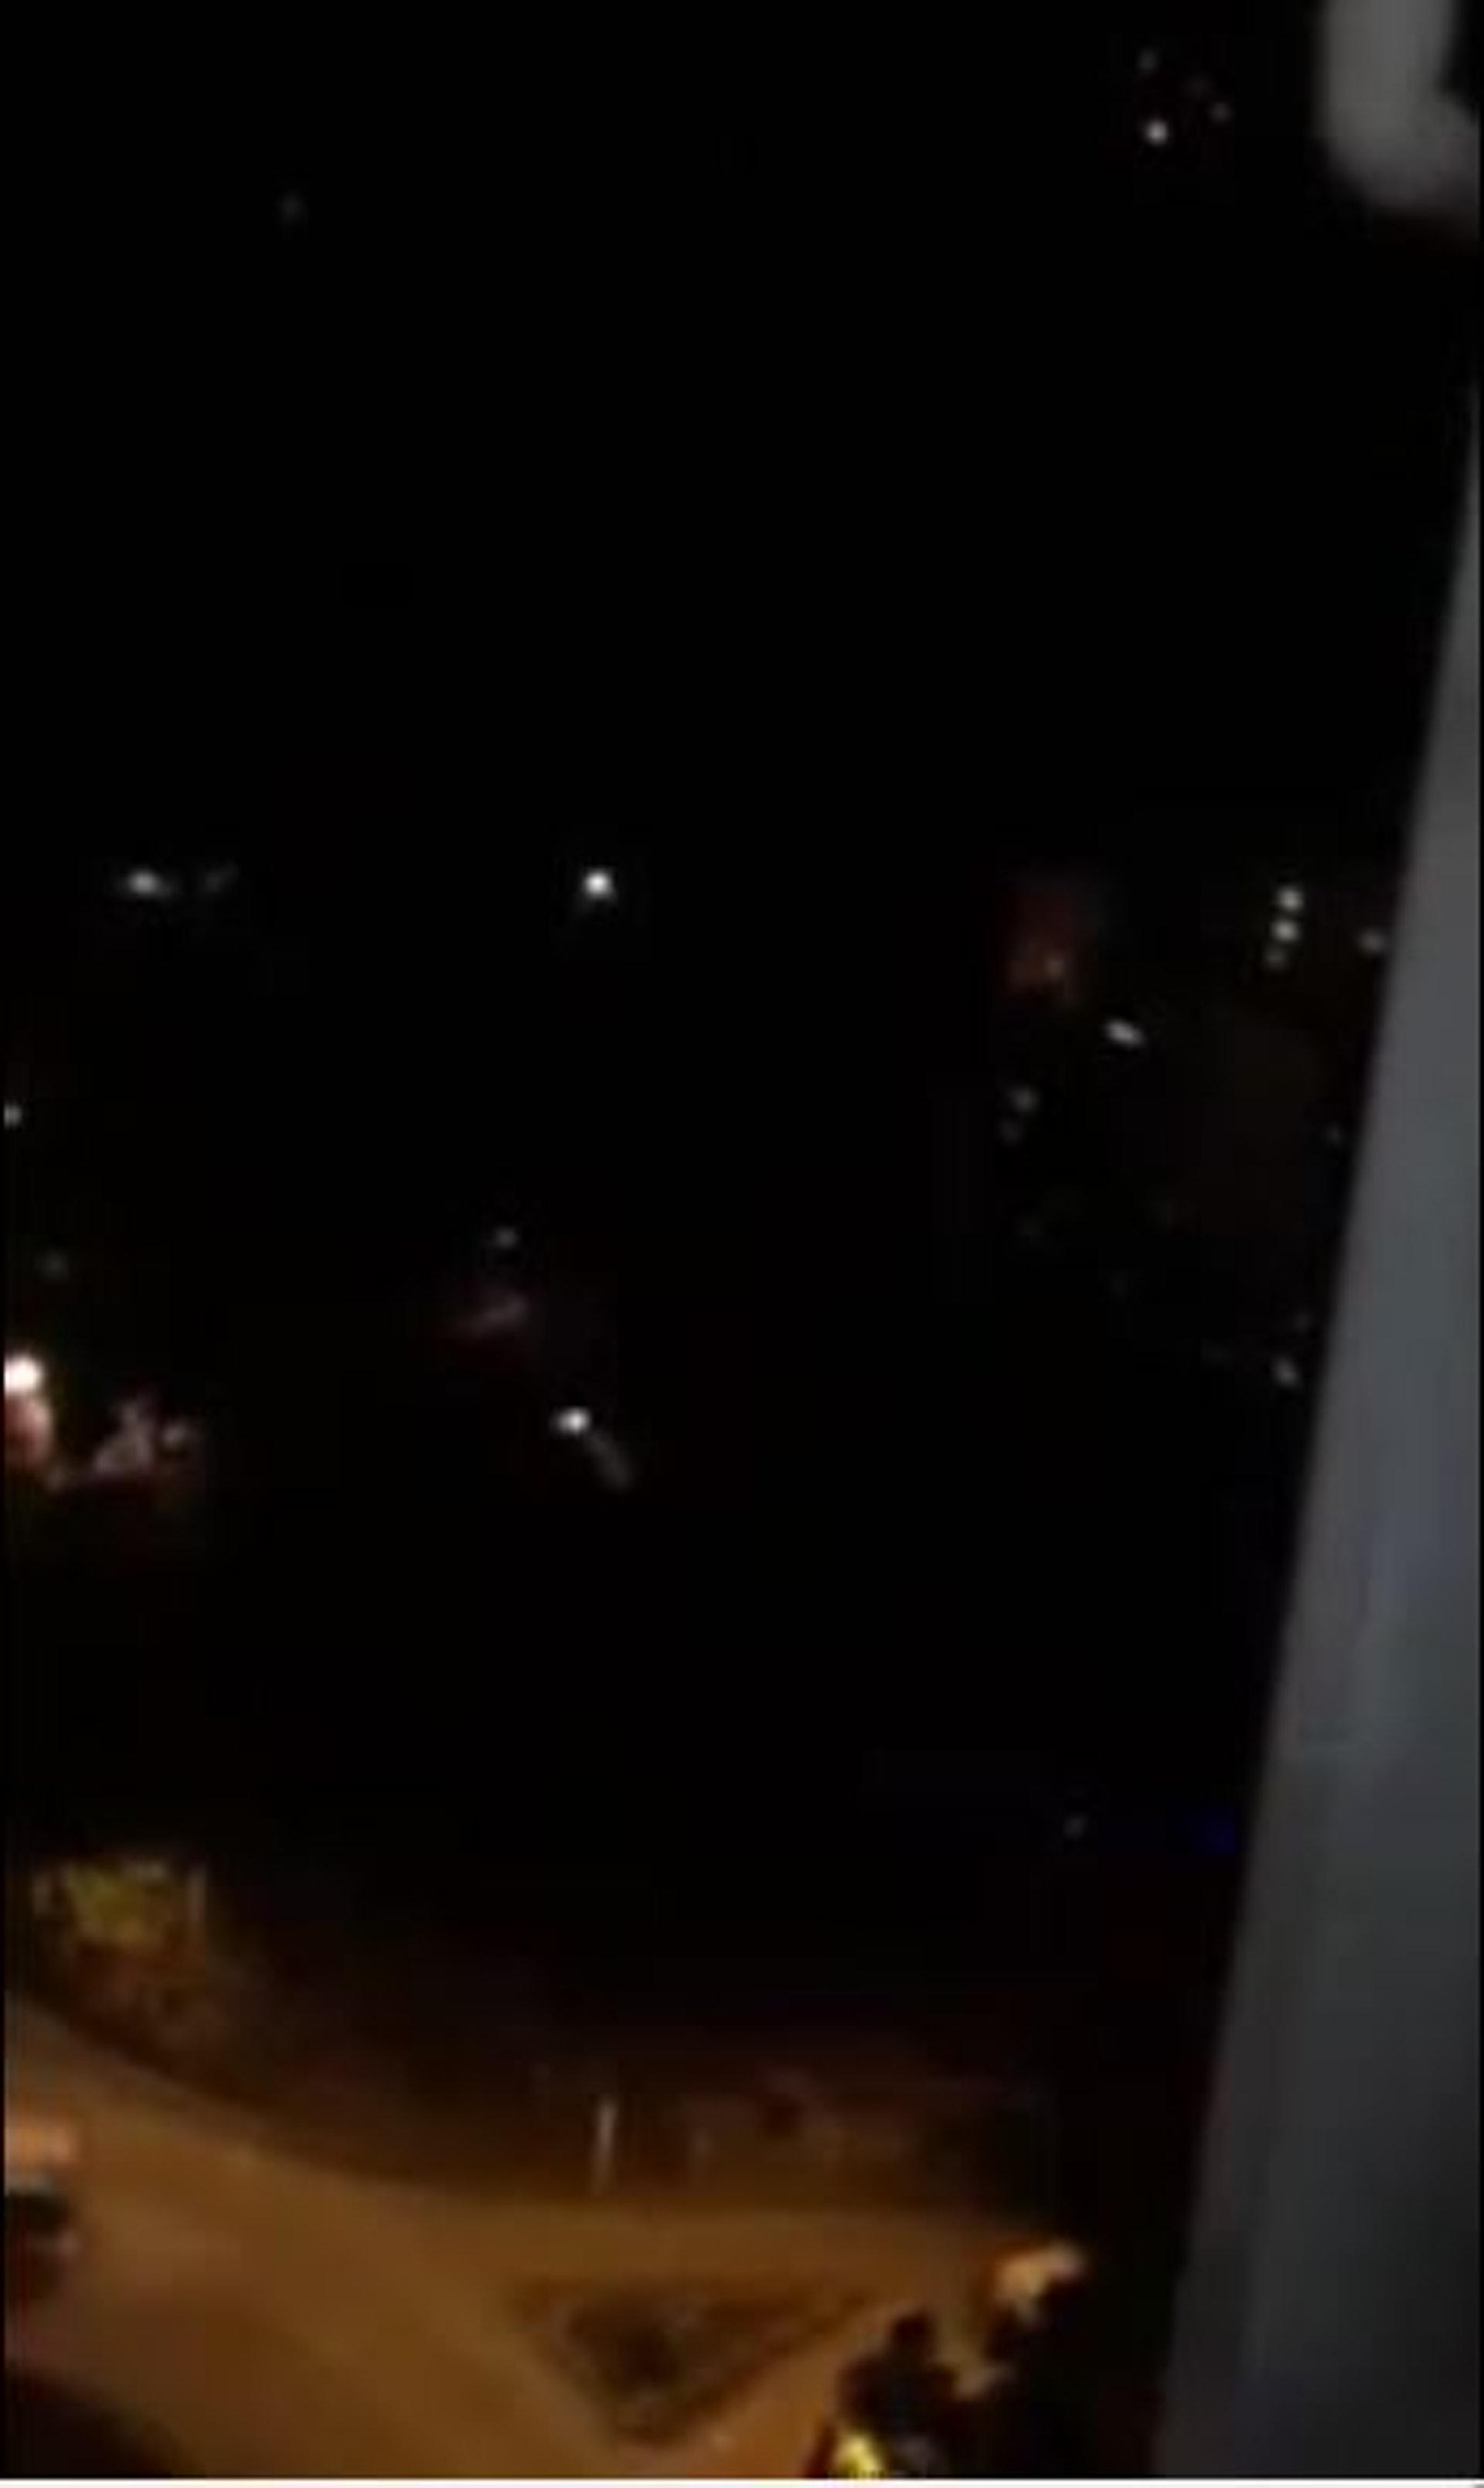 粉嶺PTU基地傳出疑似槍聲。(網上片段截圖)